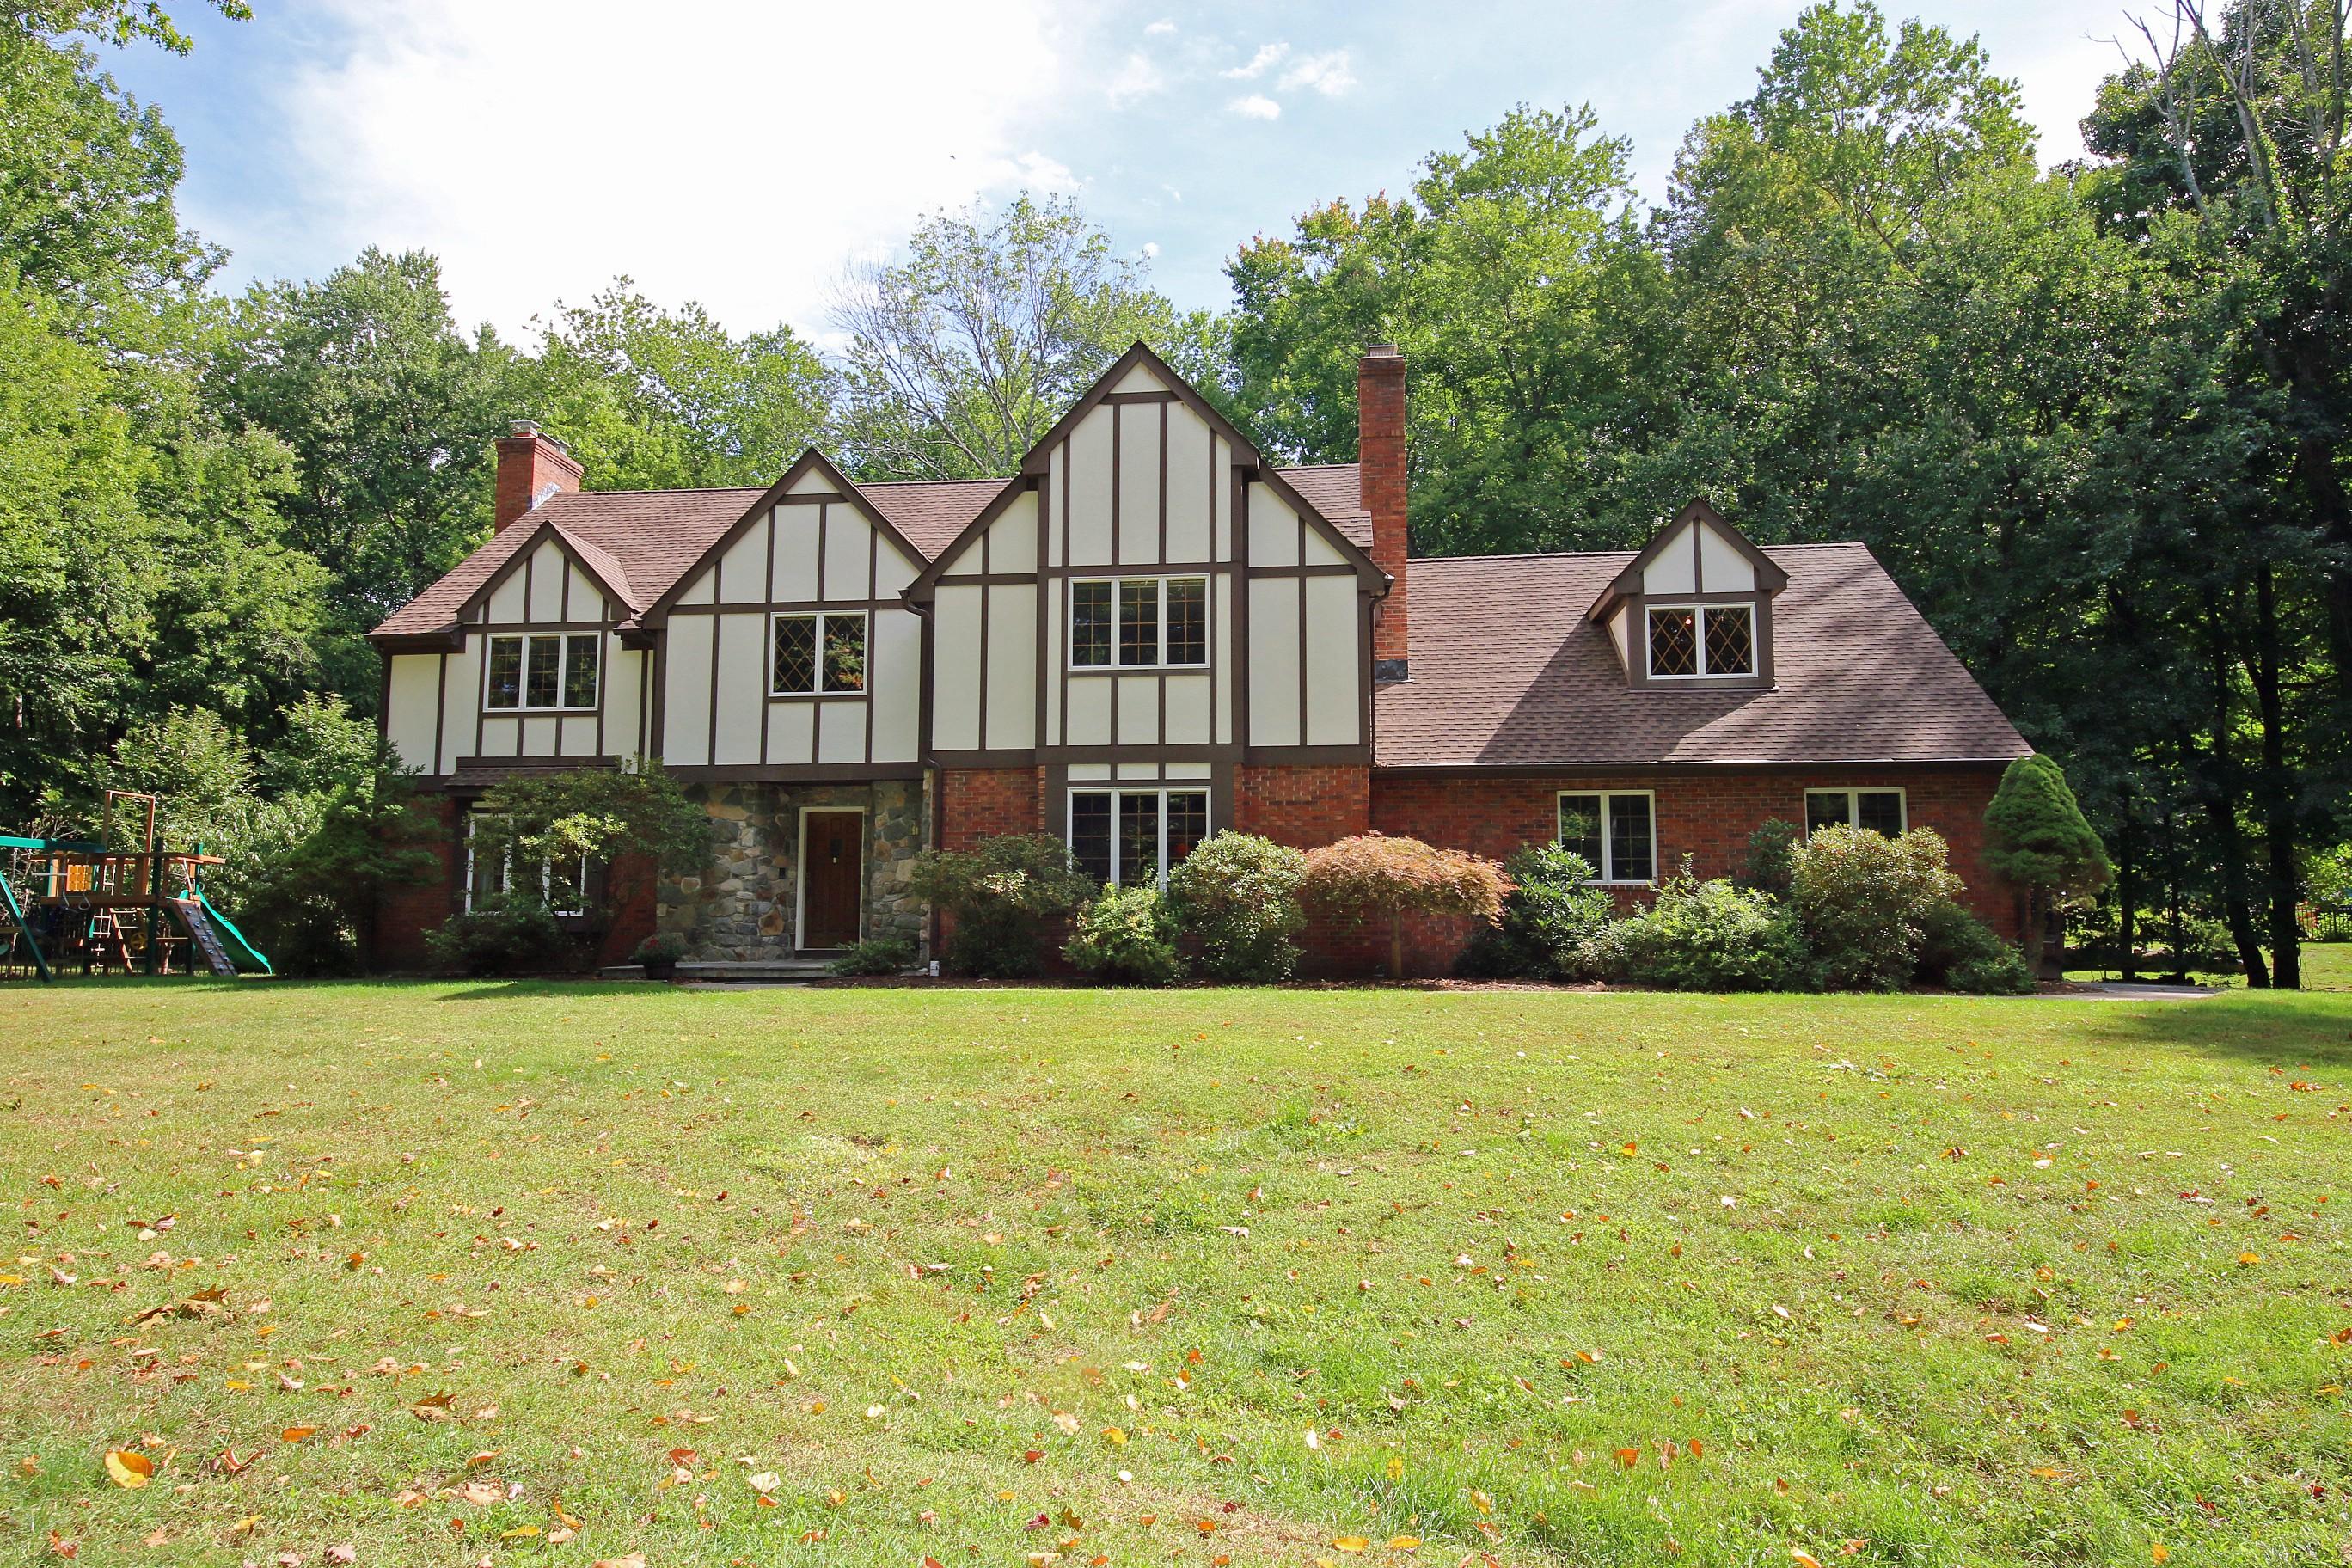 Maison unifamiliale pour l Vente à Stately Brick Tudor Style Home 3 Manor Road Brookfield, Connecticut 06804 États-Unis